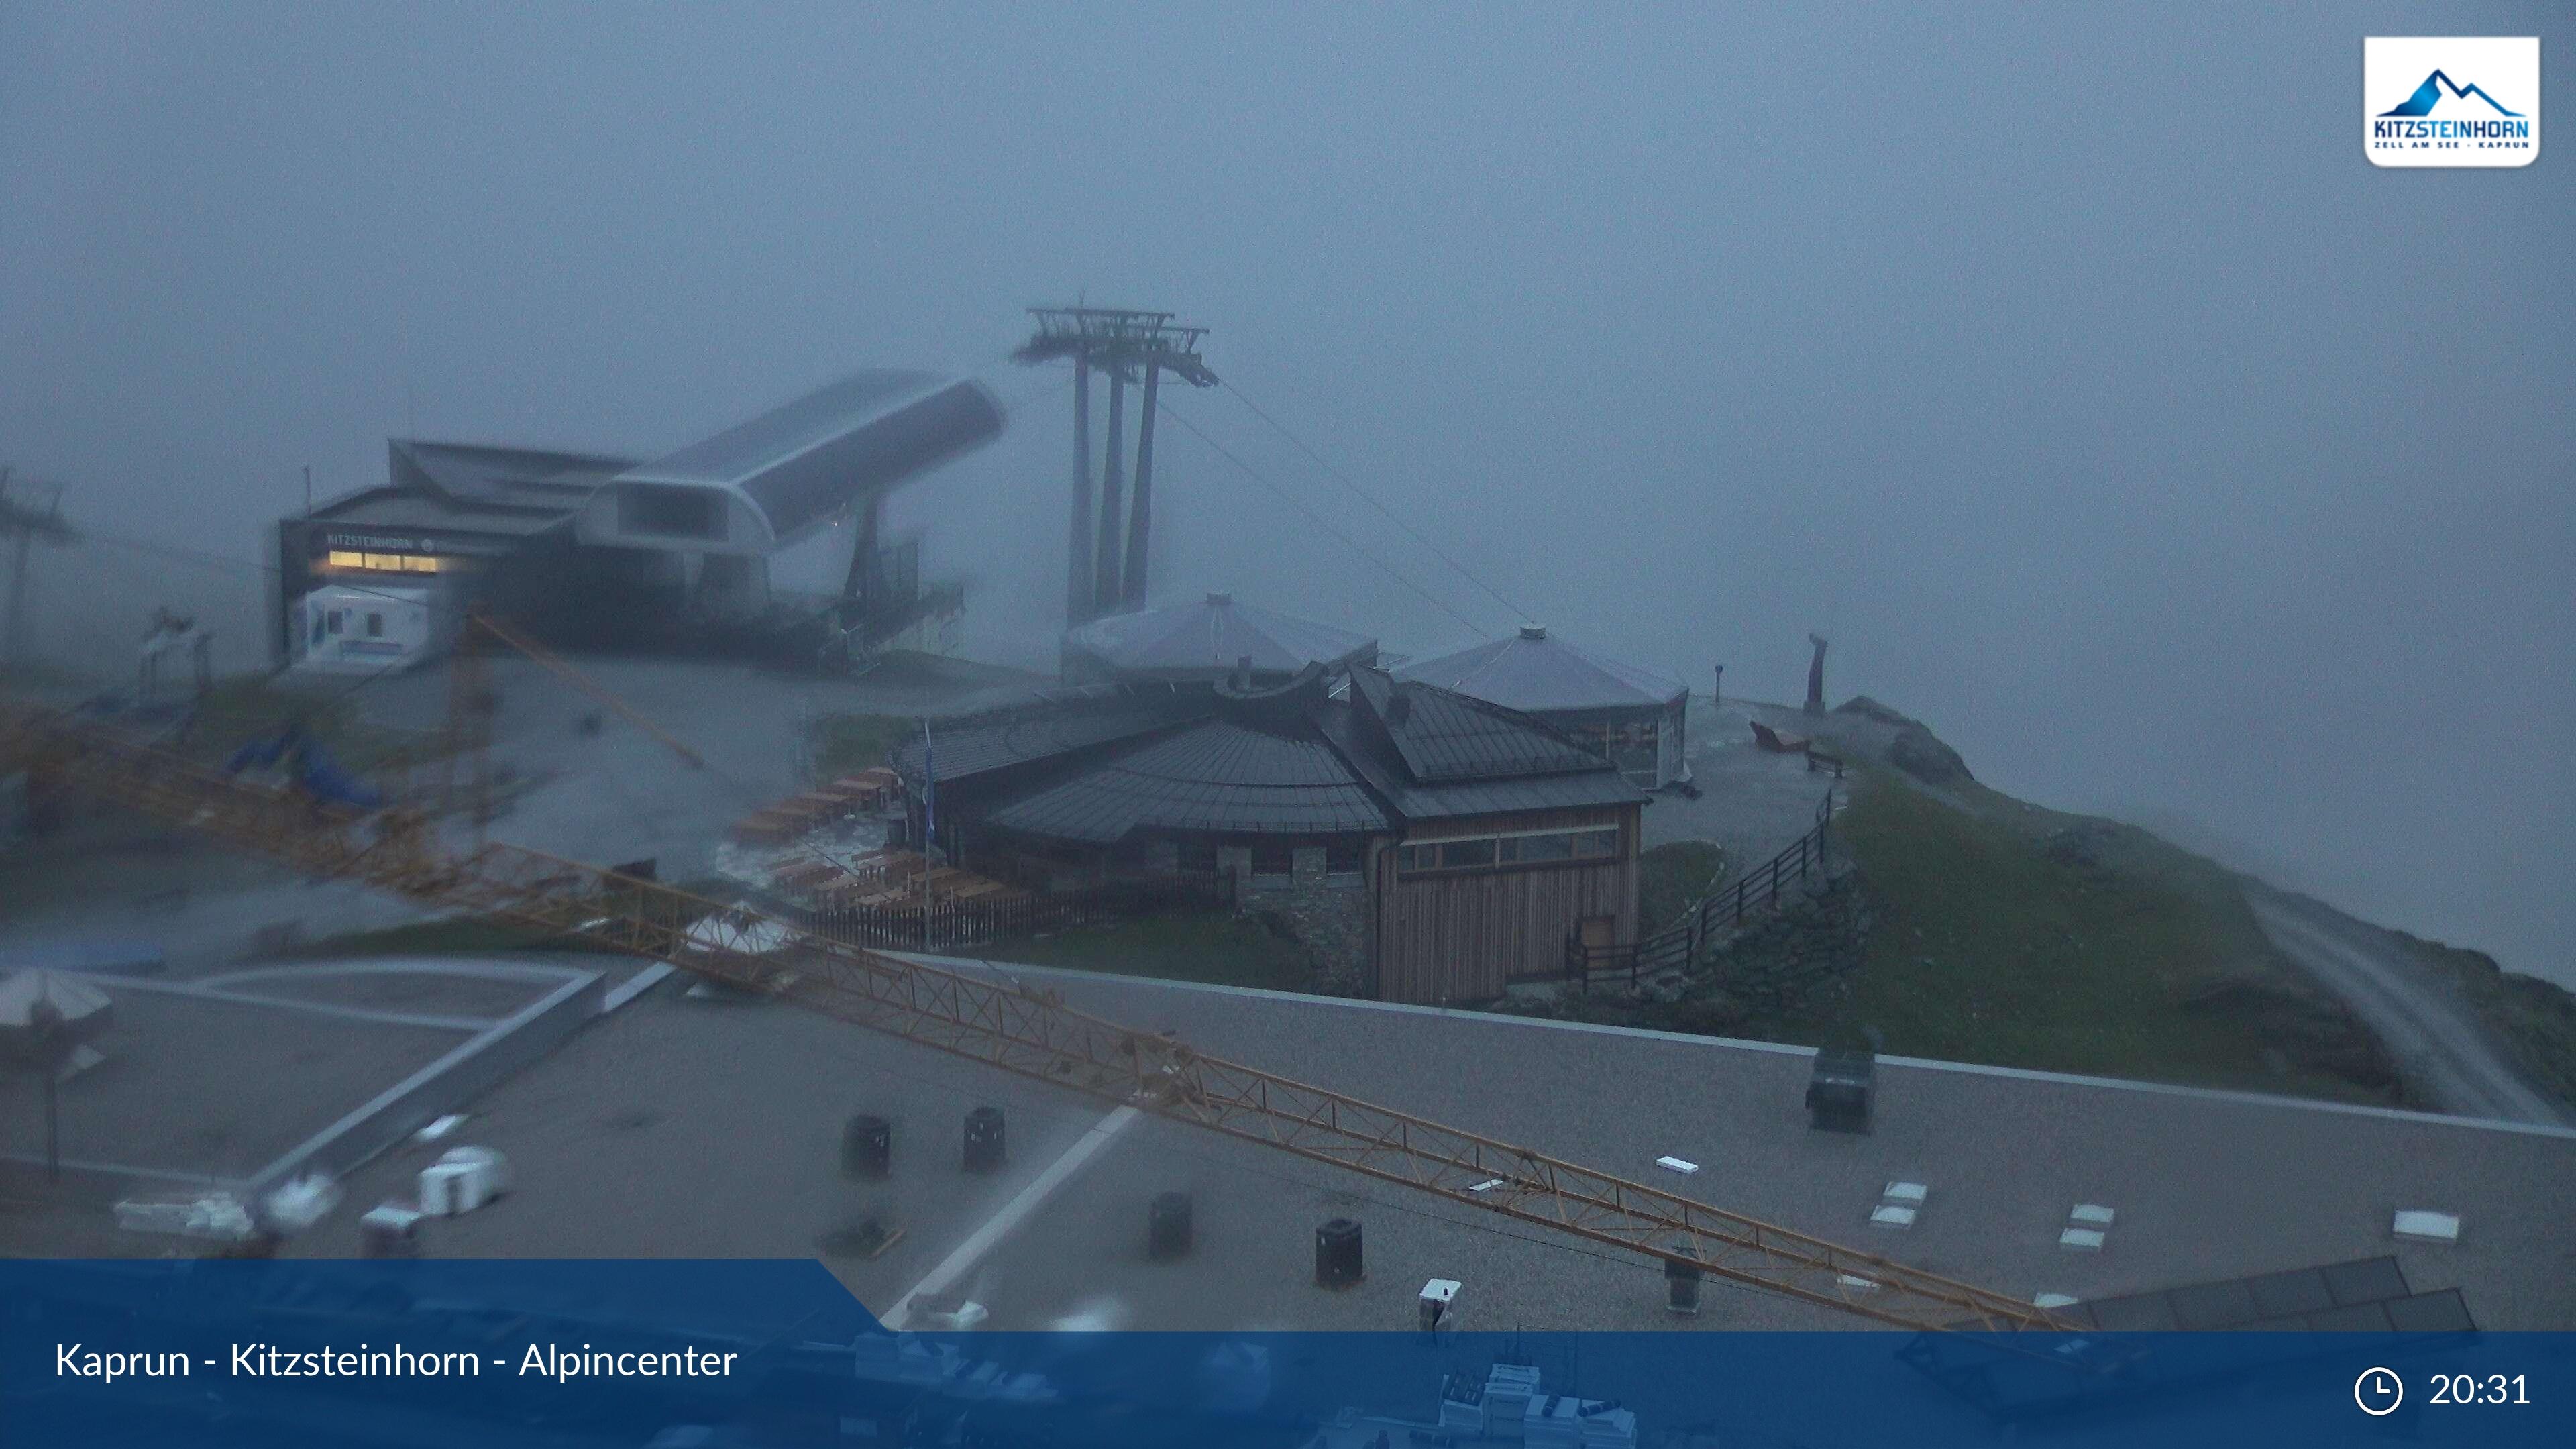 Kitzsteinhorn - Alpincenter